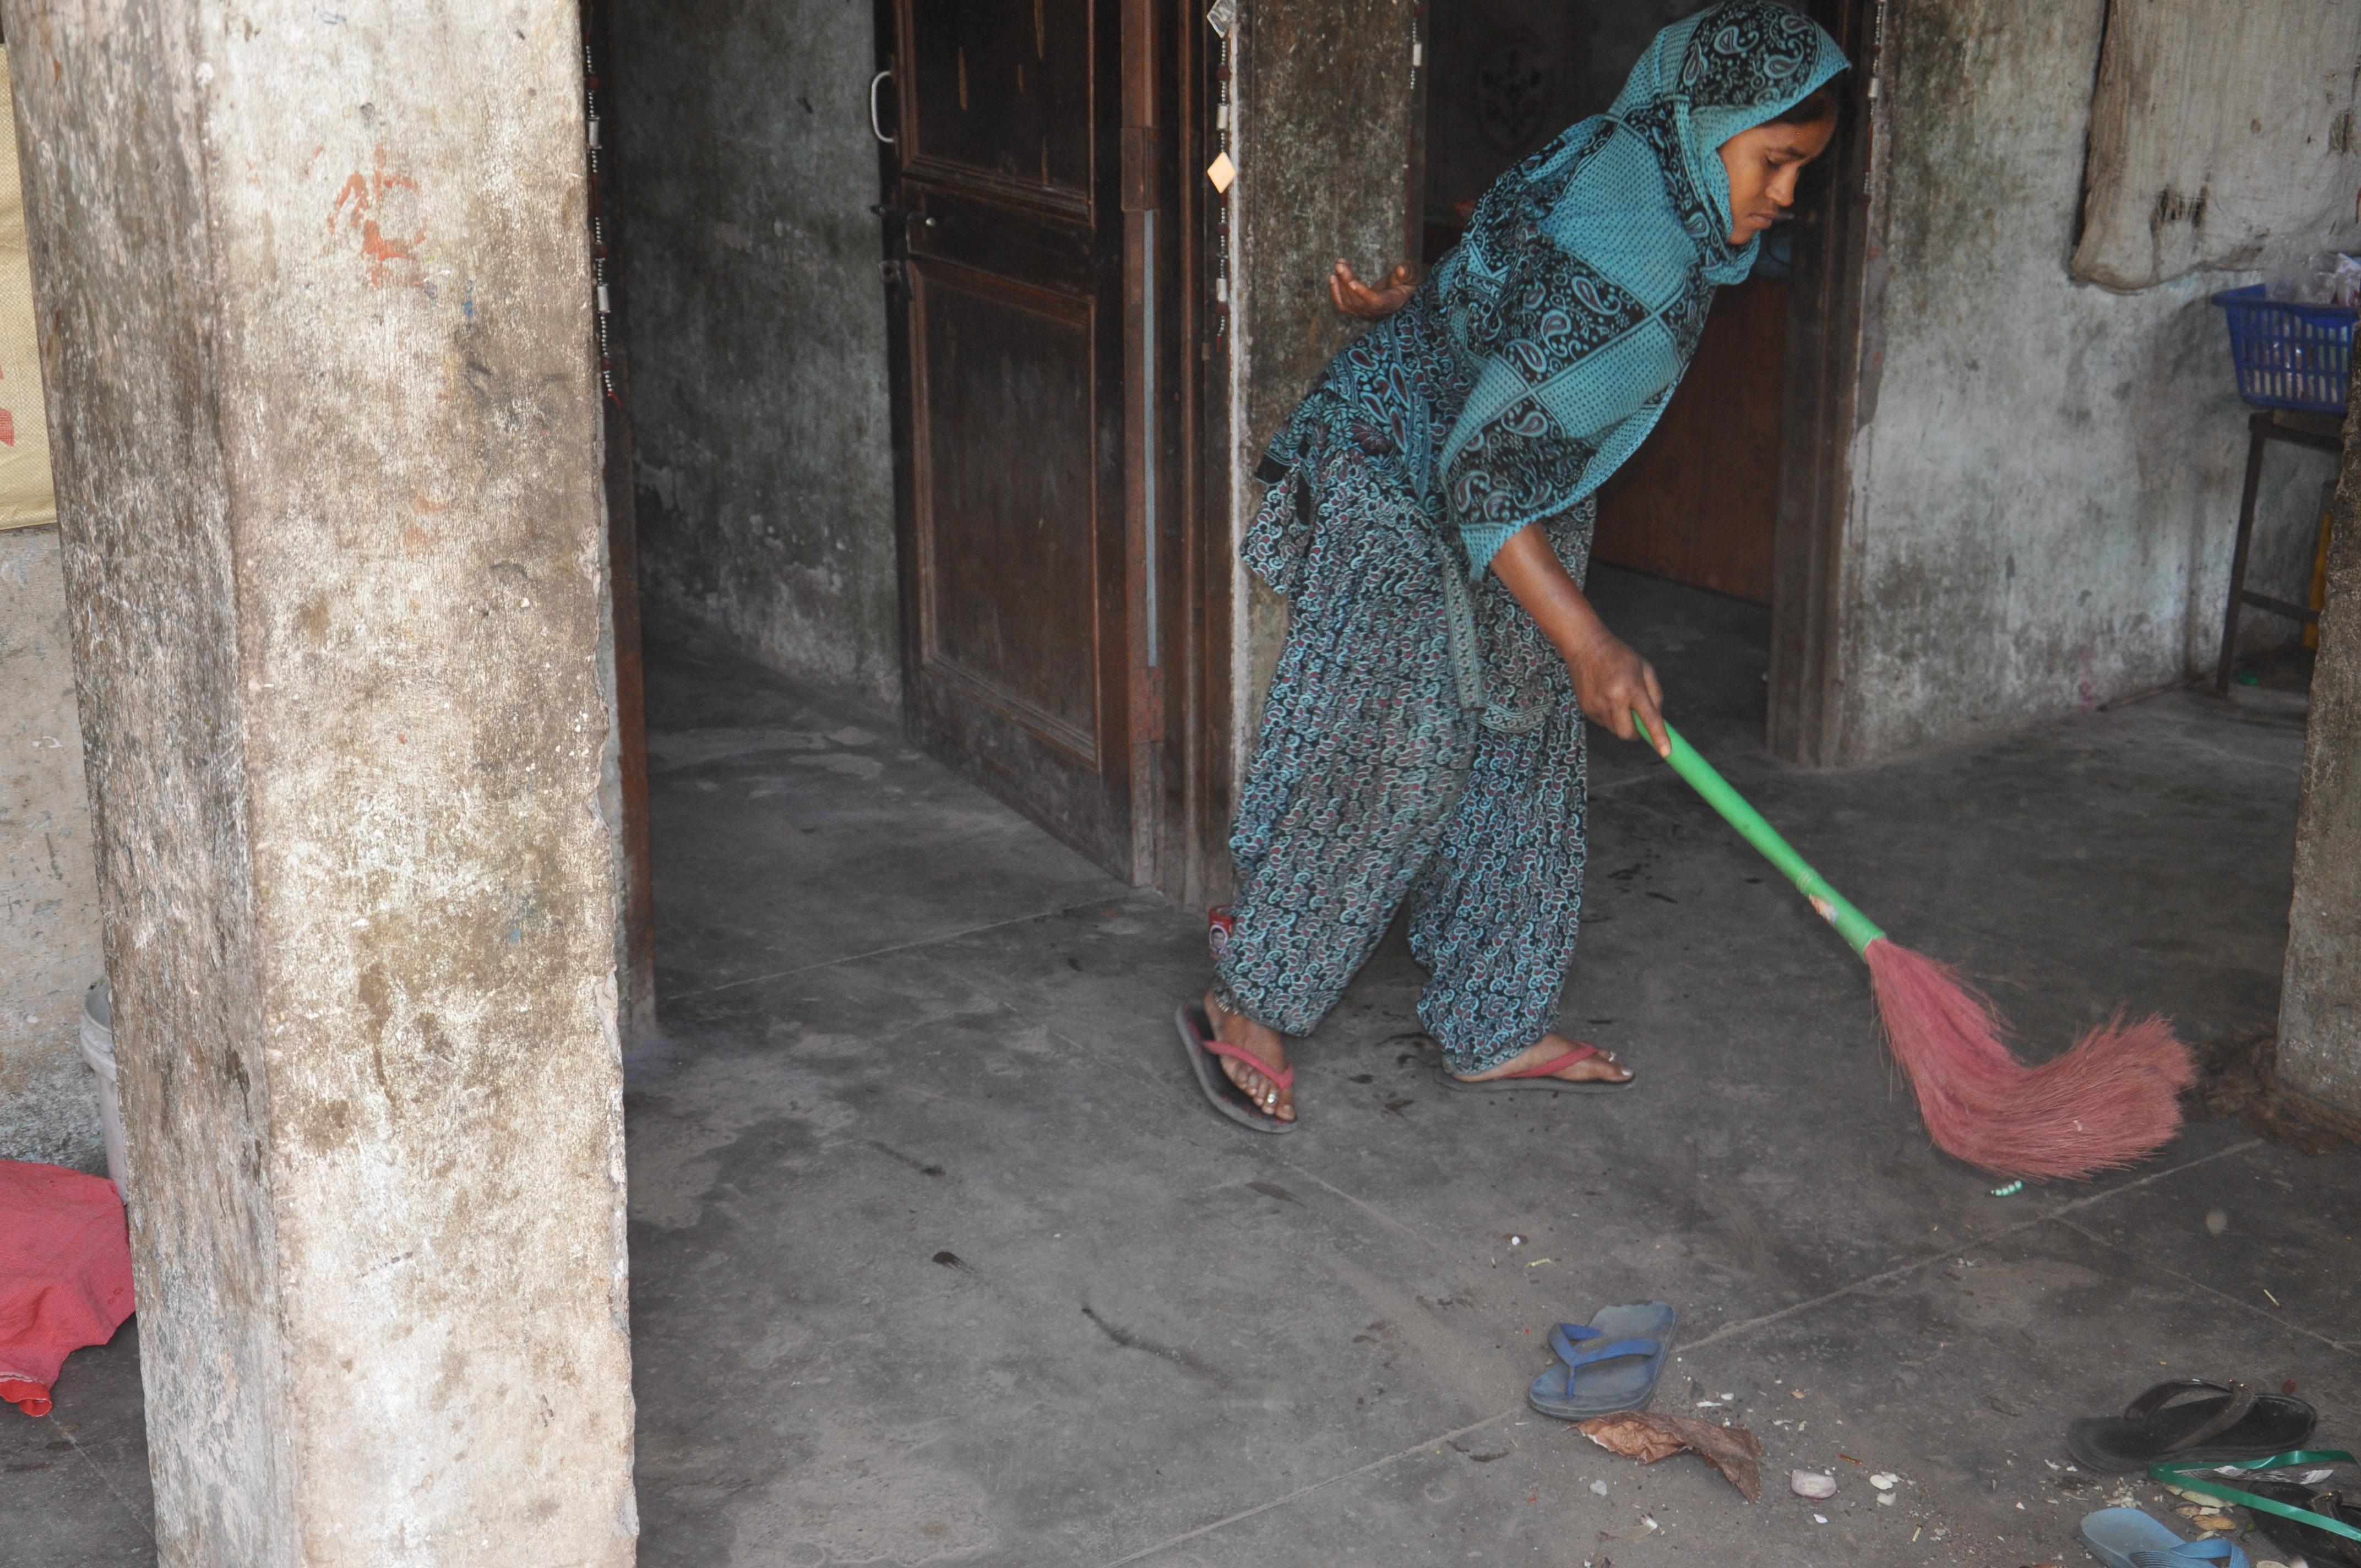 घर की सफाई करते हुए कुसुम |